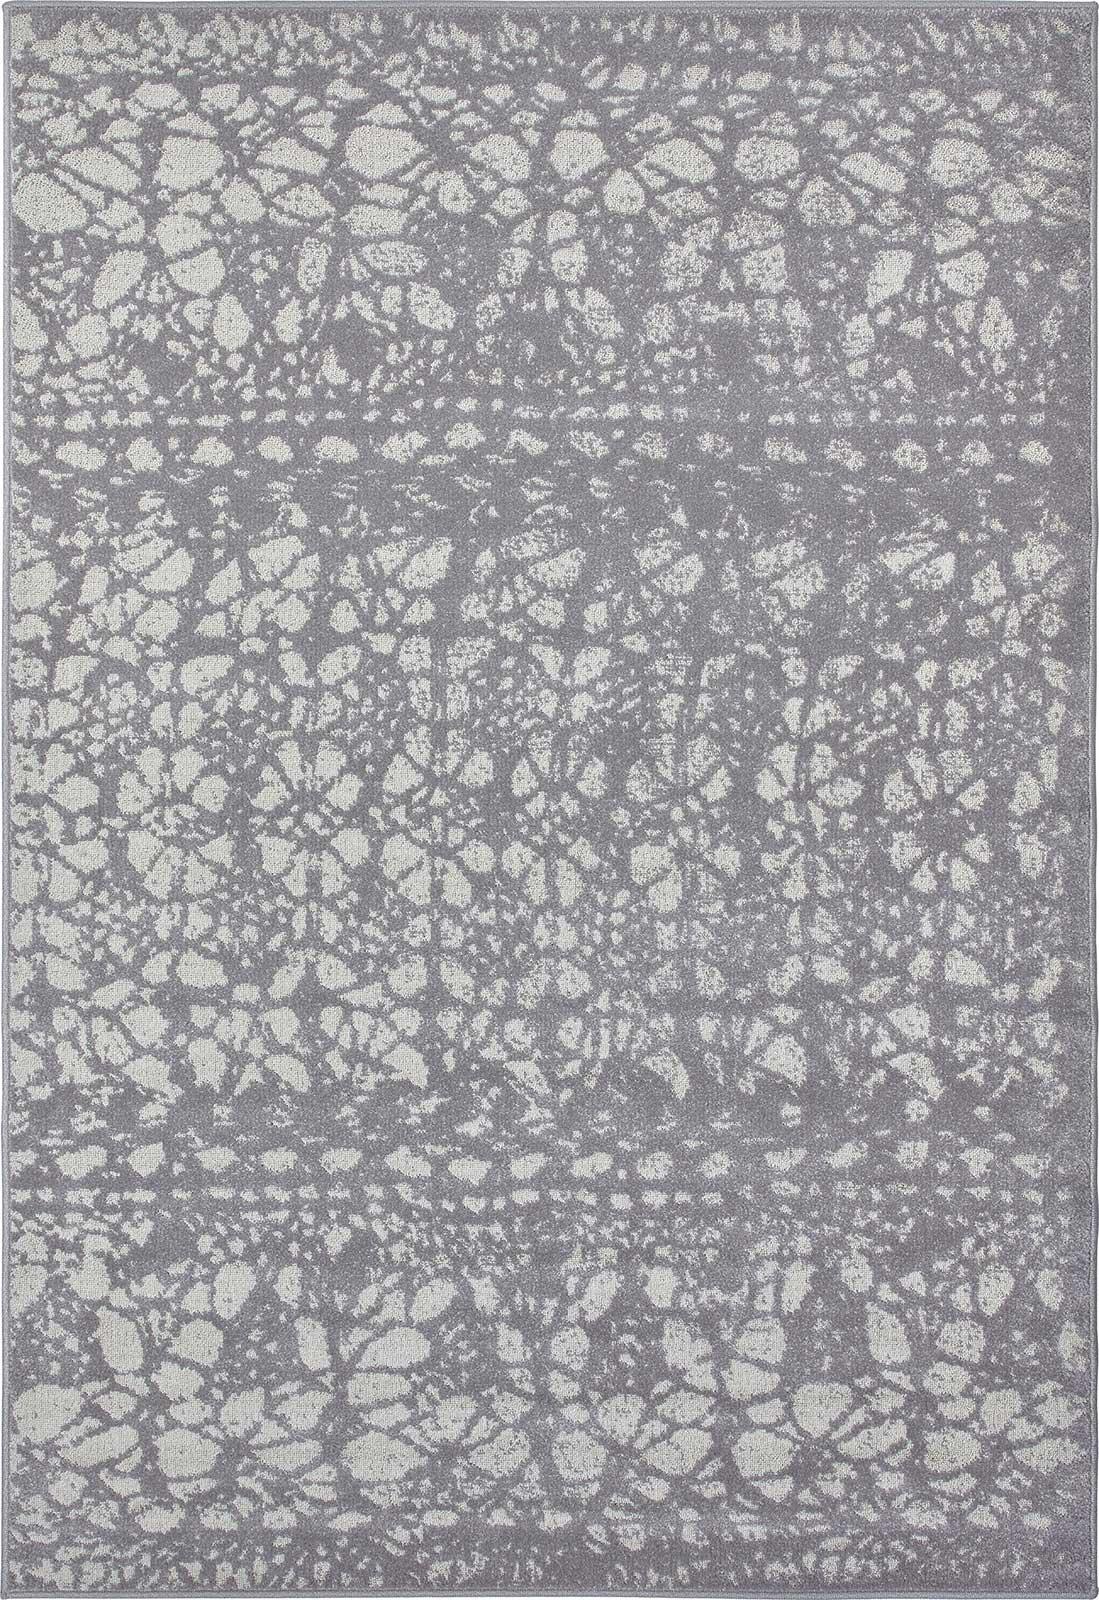 Poseidon tappeto da esterno fiori italy dream design - Tappeto grigio chiaro ...